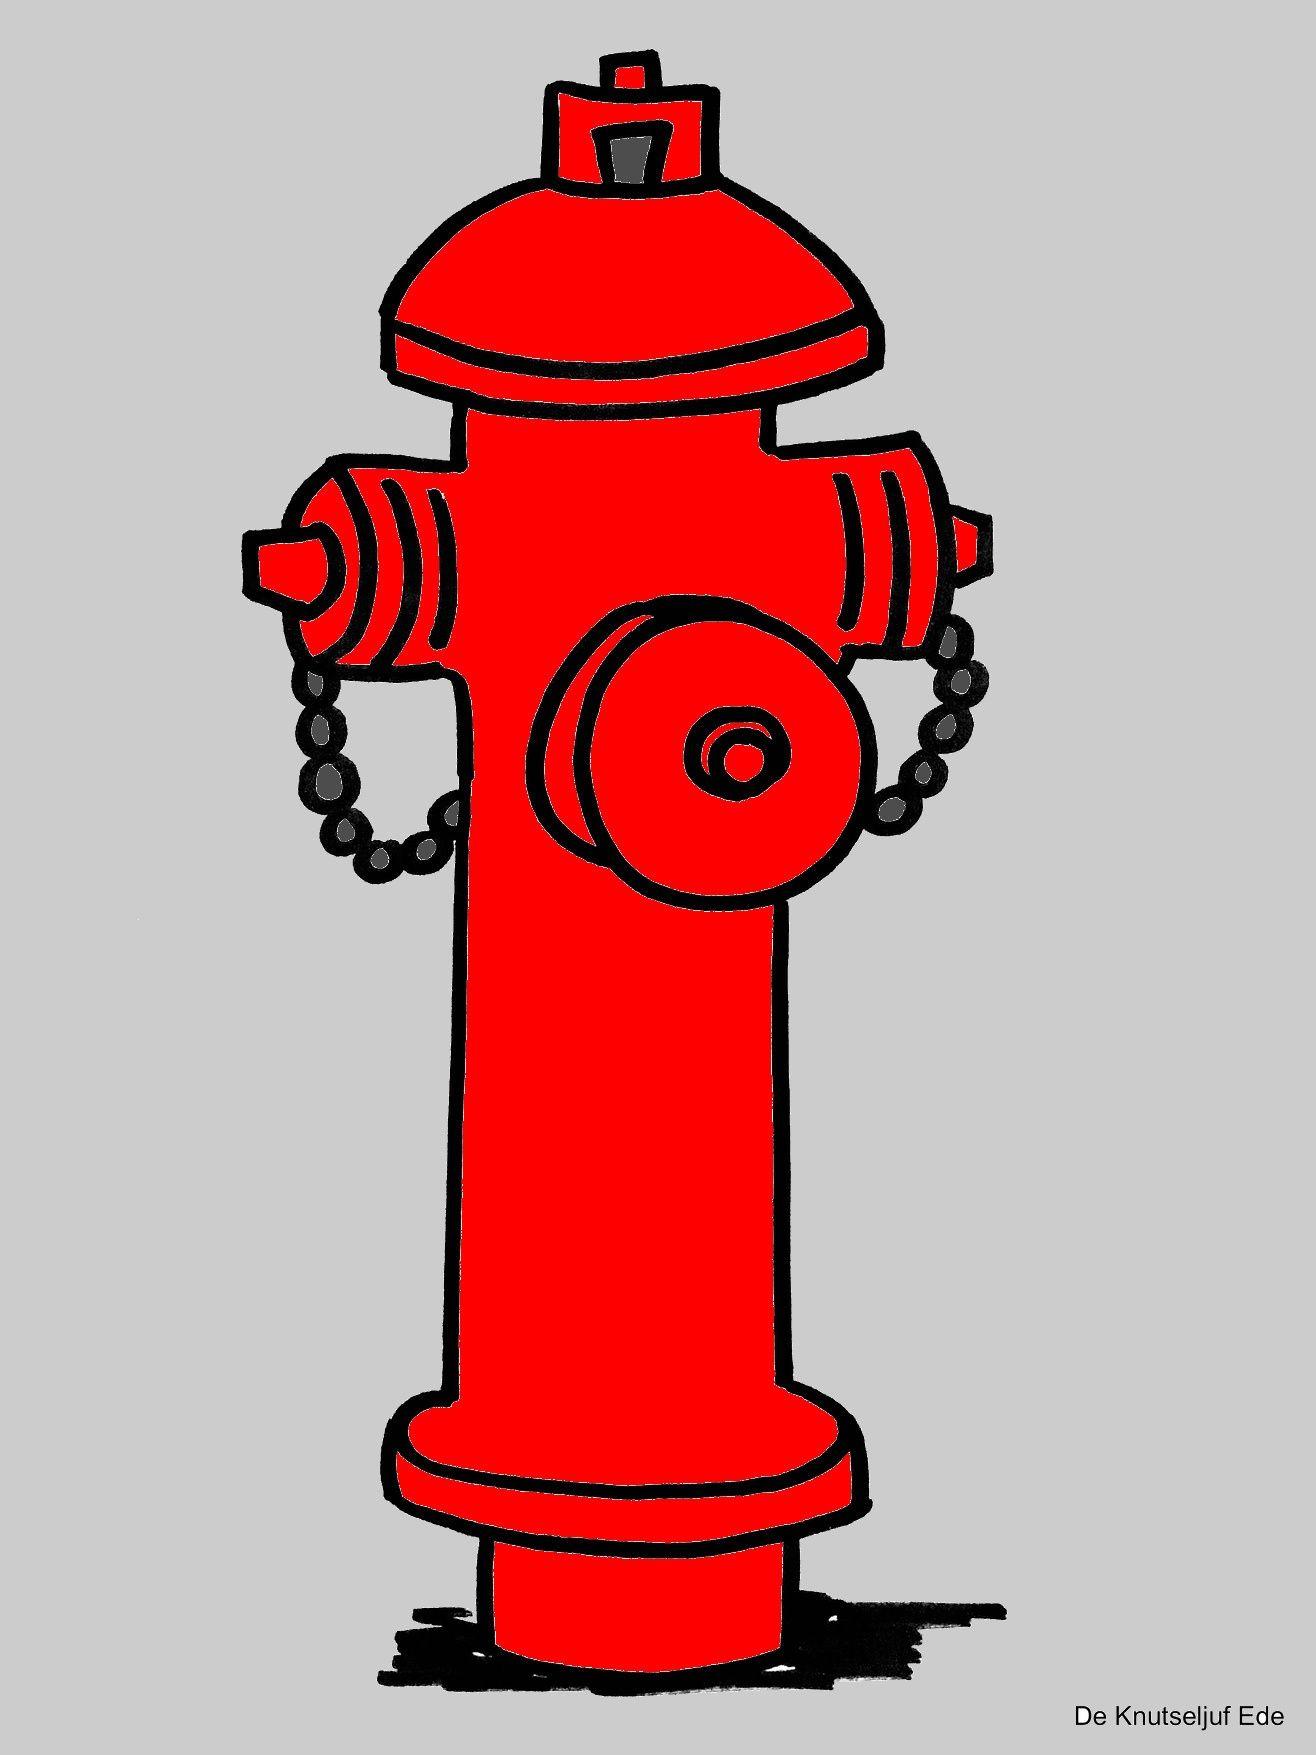 Kleurplaten Brandweer Kleurplaten Kleurplaat Kleurplaten Brandweer Thema Brandweer Brandweer Knutselen Brandwe Brandweer Brandweerman Kleurplaten